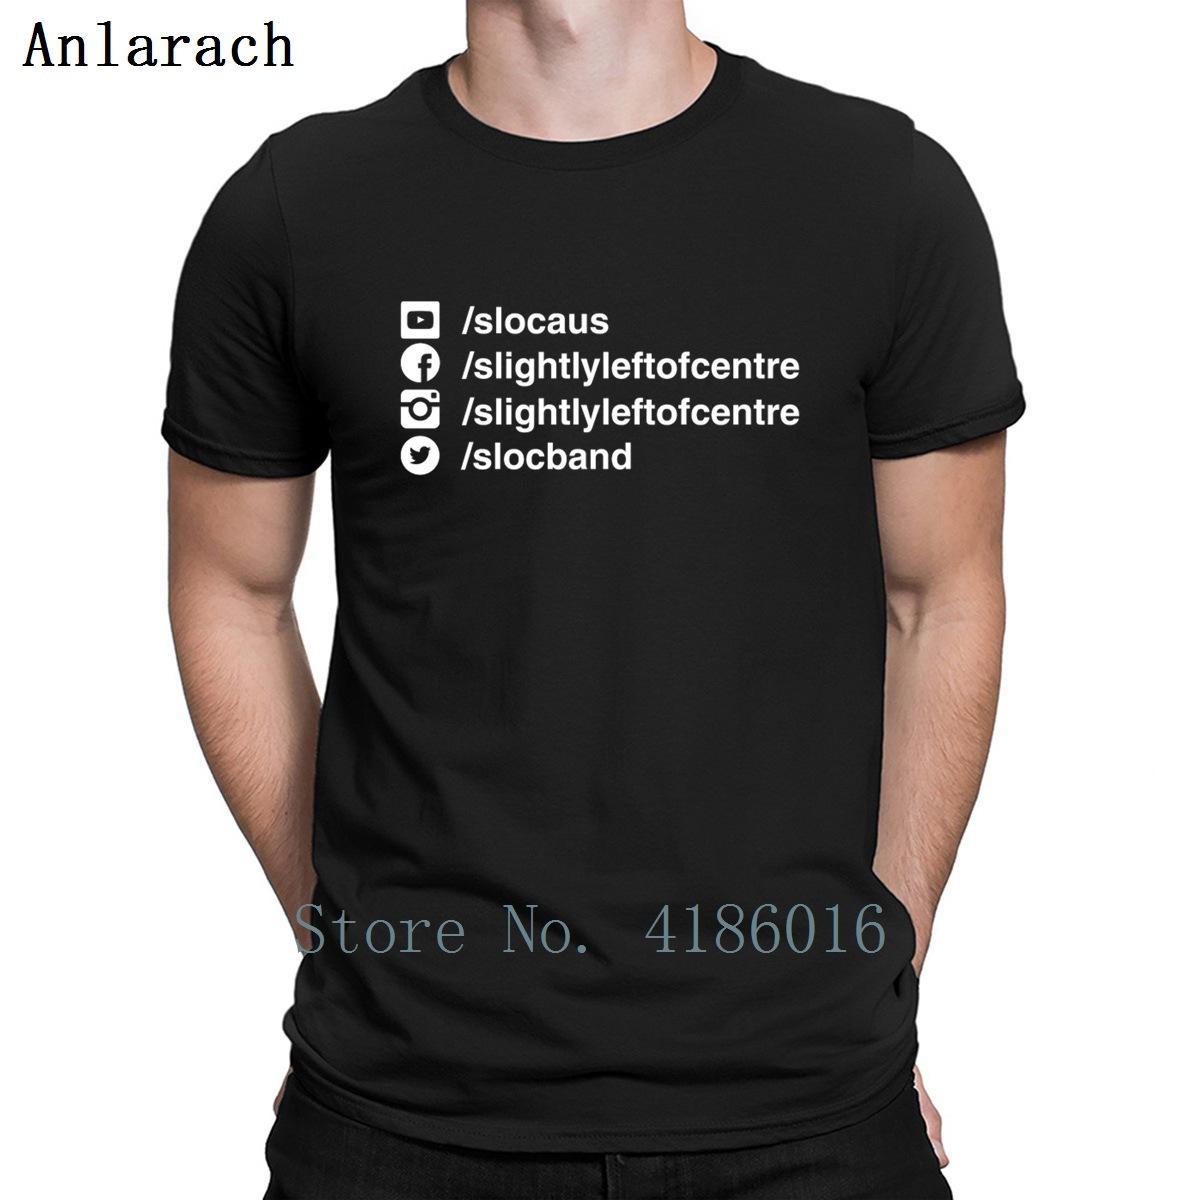 Légèrement à gauche du centre Euphoriars T-shirt Imprimer Taille Plus 5xl Fit Humour Automne Printemps Photos formelle T-shirt Chemise